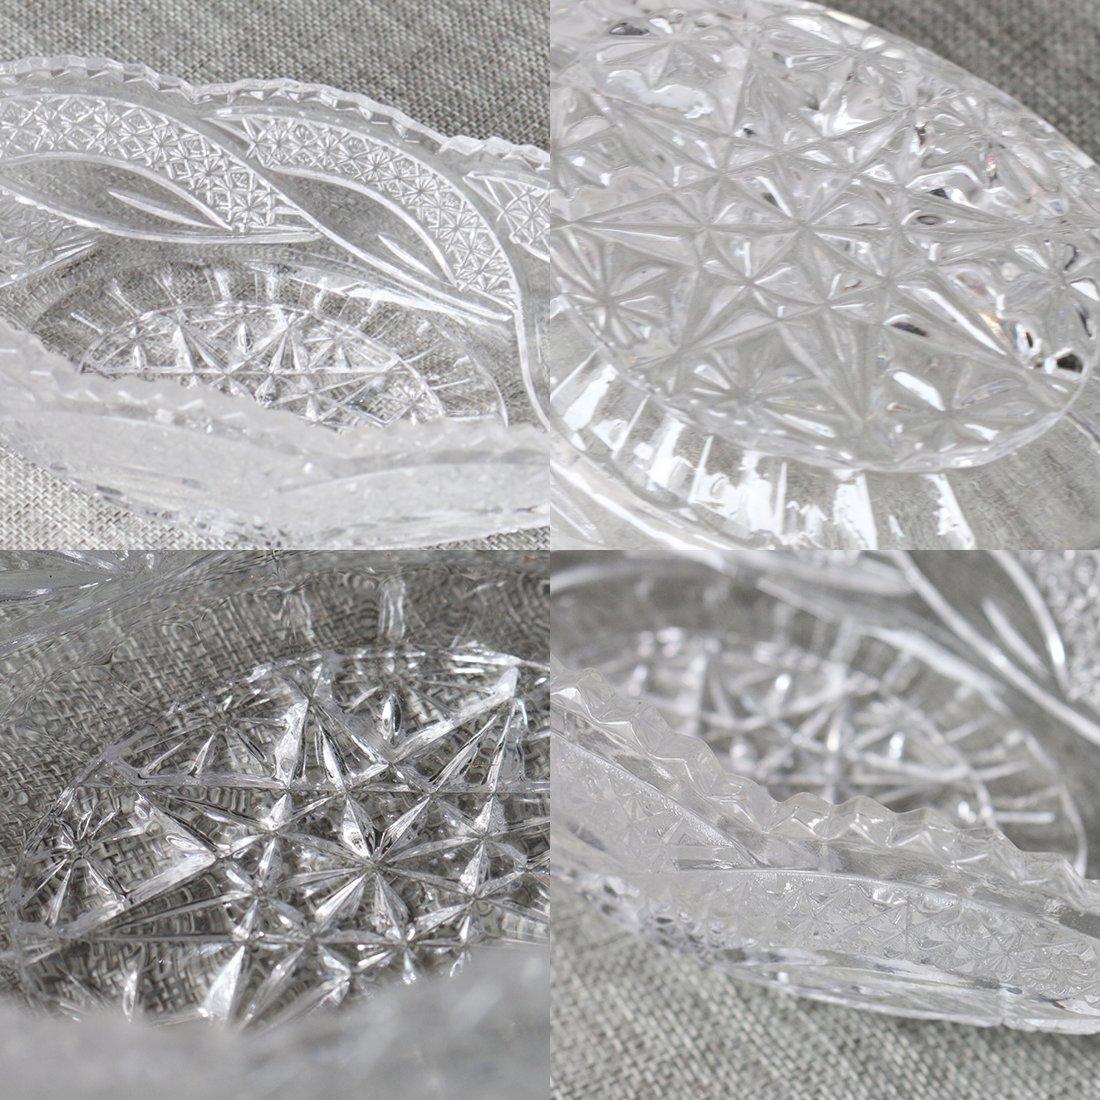 Snack Server Dessert Centerpiece For Home,Office,Wedding Decor Crystal Serving Oval Bowl with Leaf design Fruit